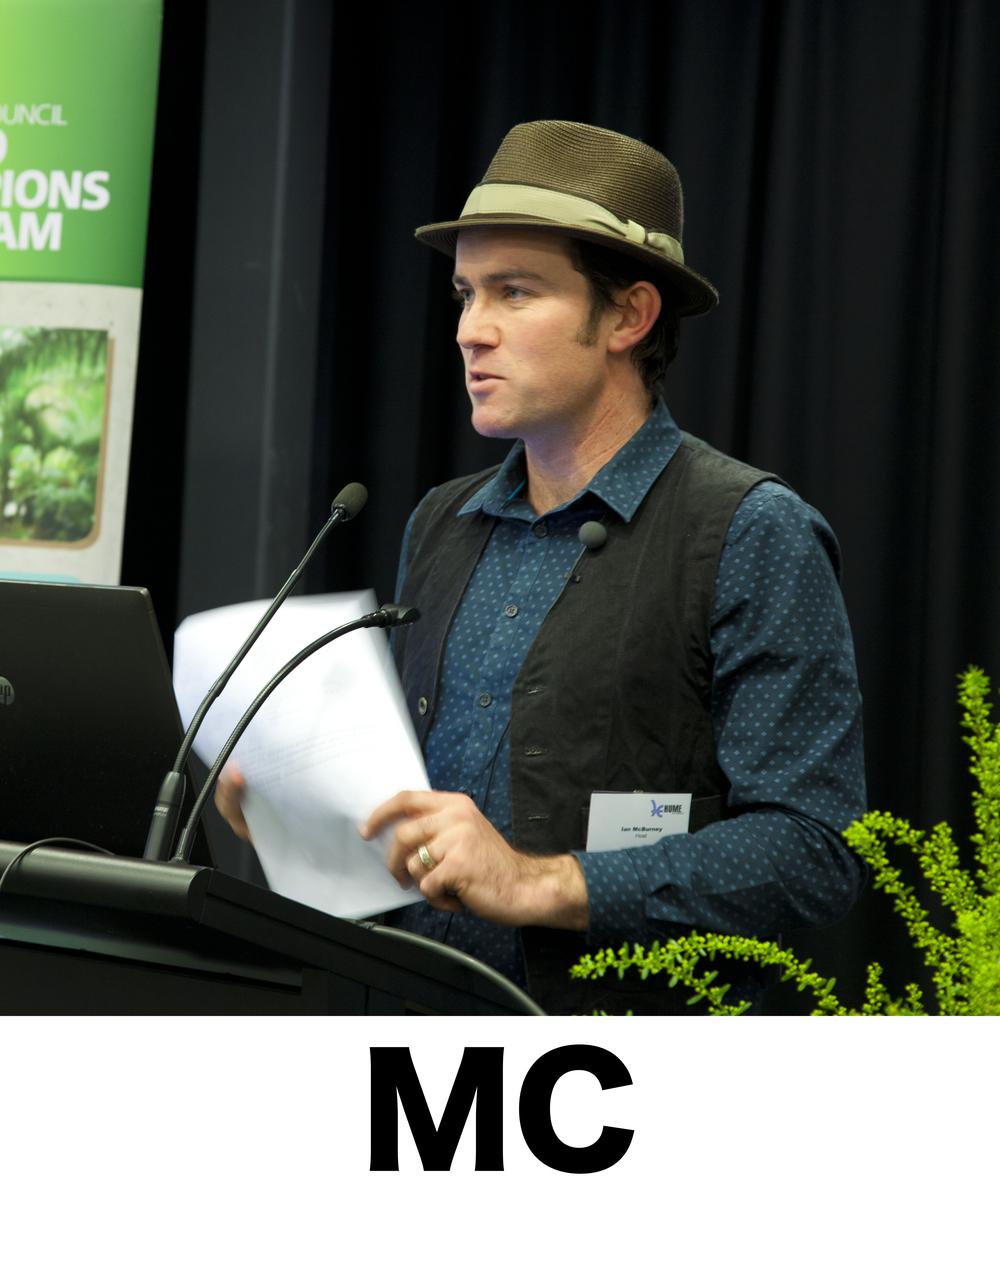 MCwebsite2.jpg